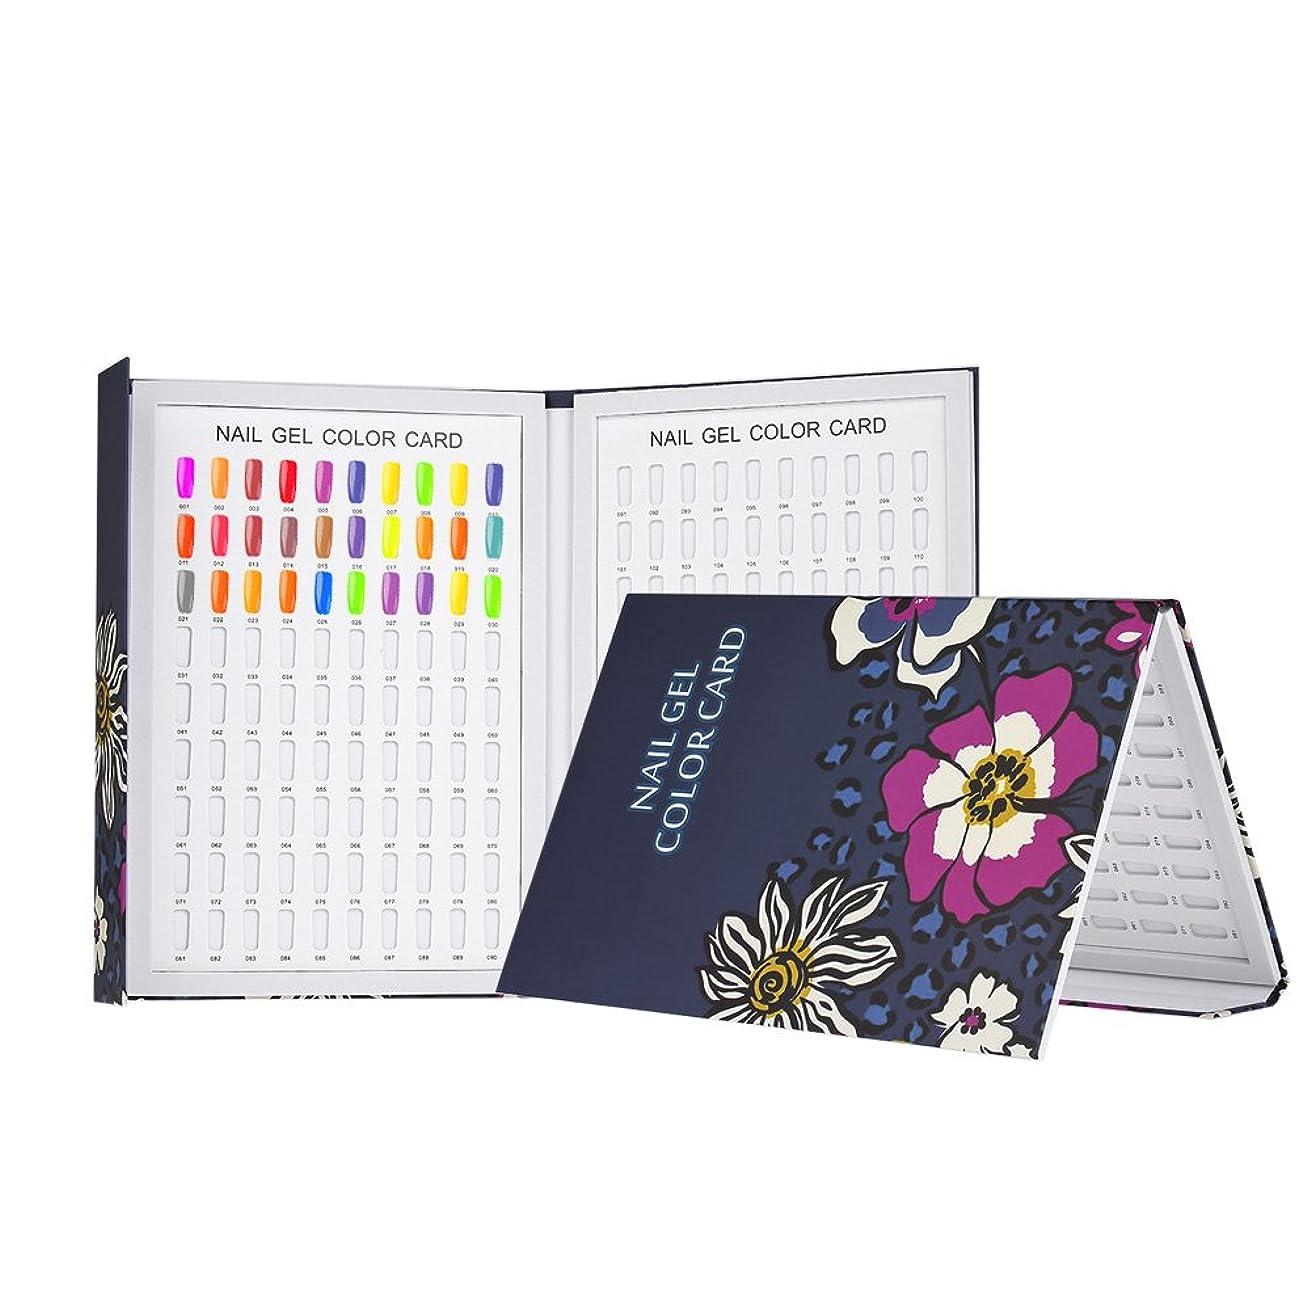 胸ケント医師Decdeal カラーチャート180色 ネイルカラーチャート ネイルチップディスプレイ ネイルジェル表示チャート ネイルアートサロンセット